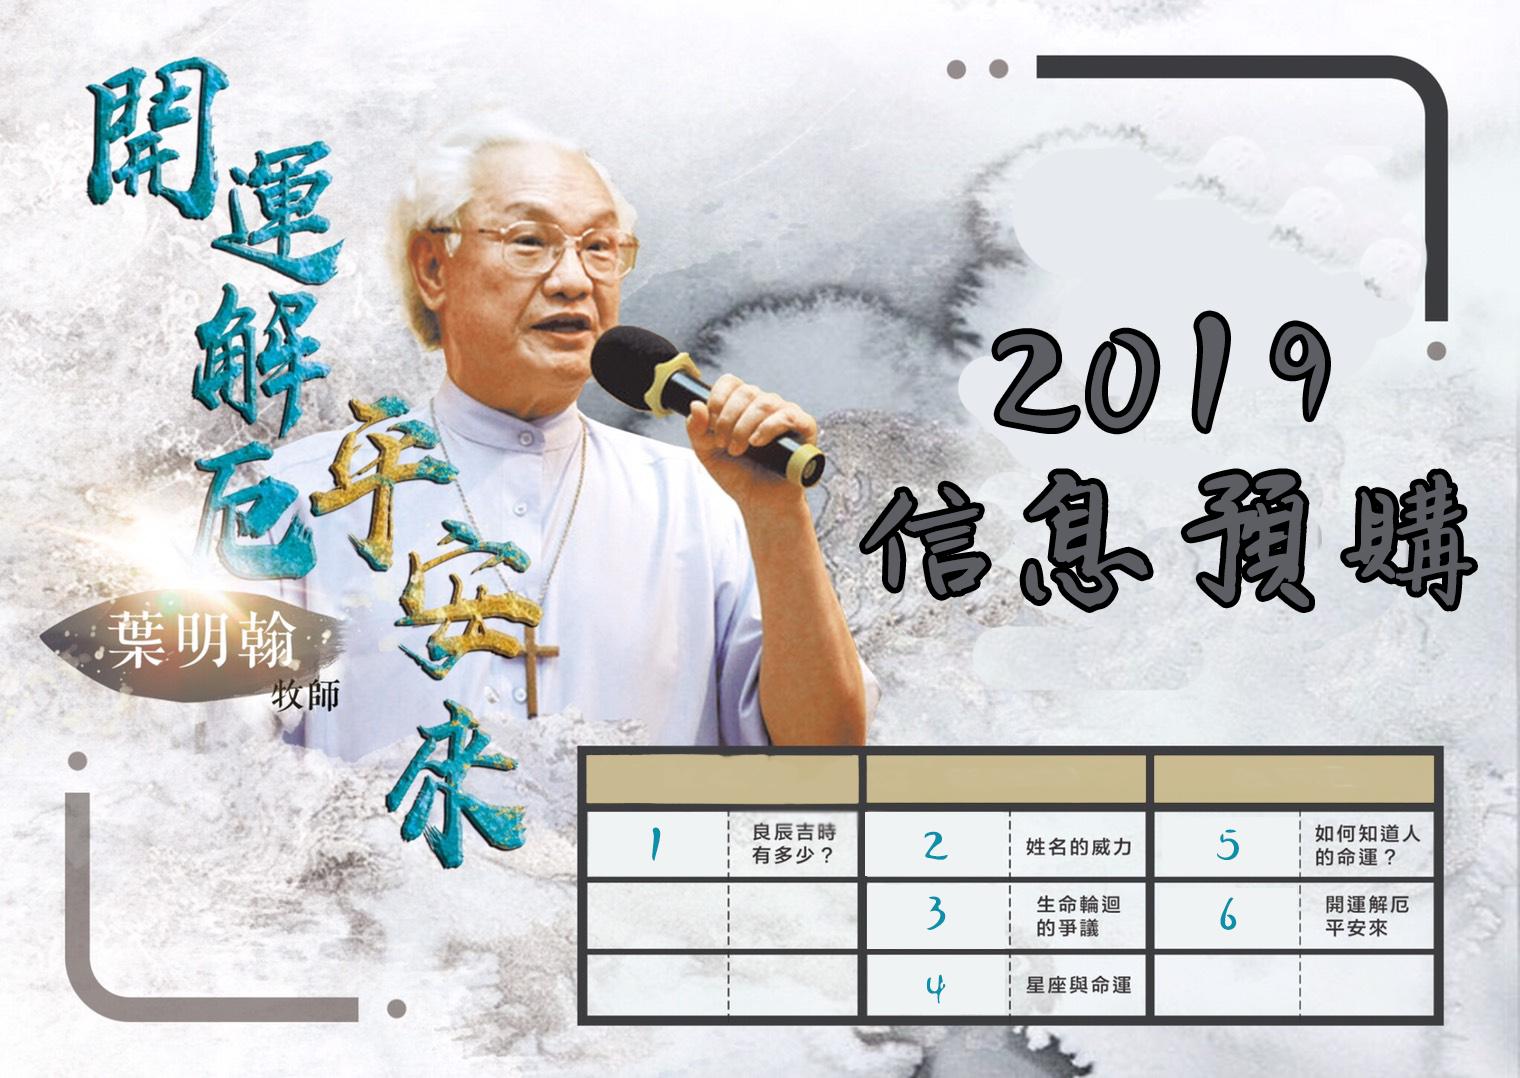 2019 開運解厄平安來|葉明翰牧師信息預購